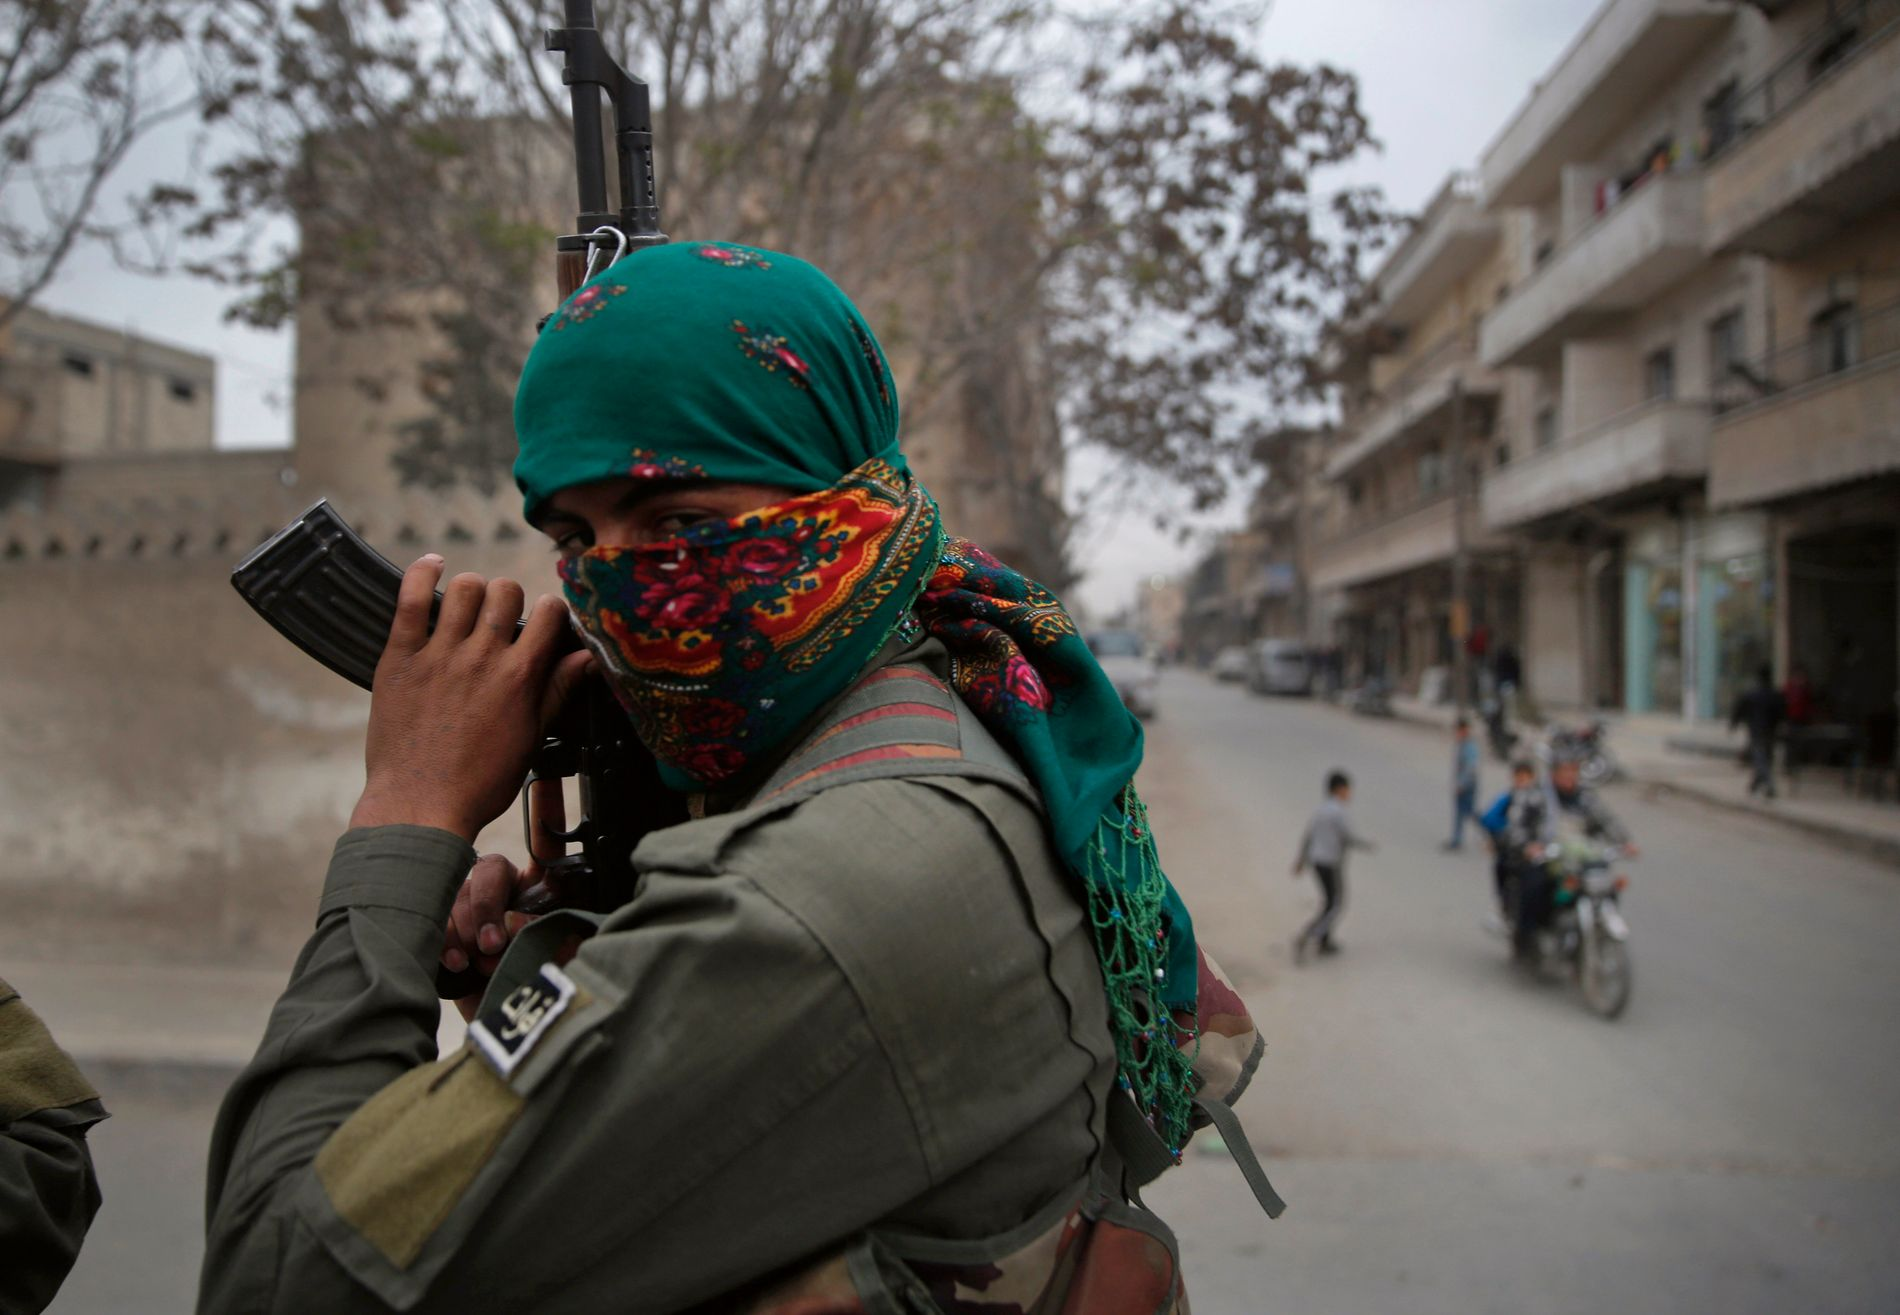 RUSSISK HJELP: Den kurdiske YPG-militsen (bildet) har inngått en avtale med regimet i Damaskus, som har sendt over 300 soldater til Manbij for å beskytte mot tyrkiske angrep. Avtalen er kommet i stand med russisk hjelp.